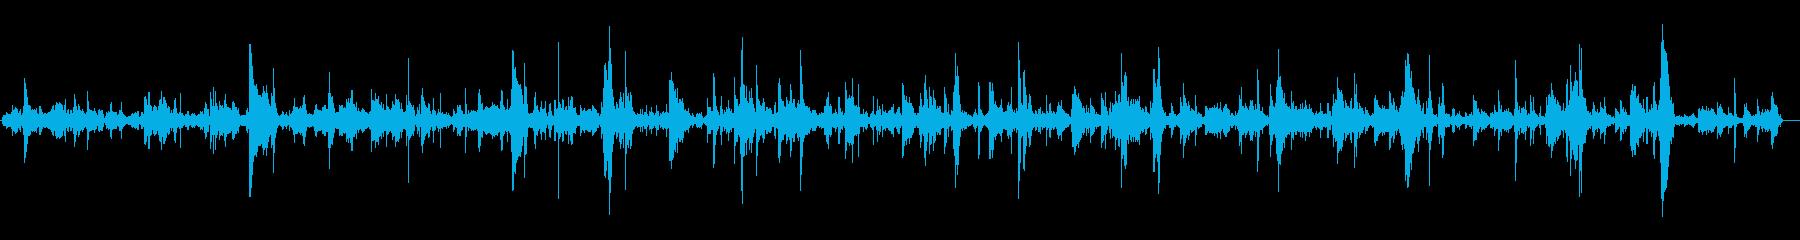 ブクブク(泡の音)長めの再生済みの波形